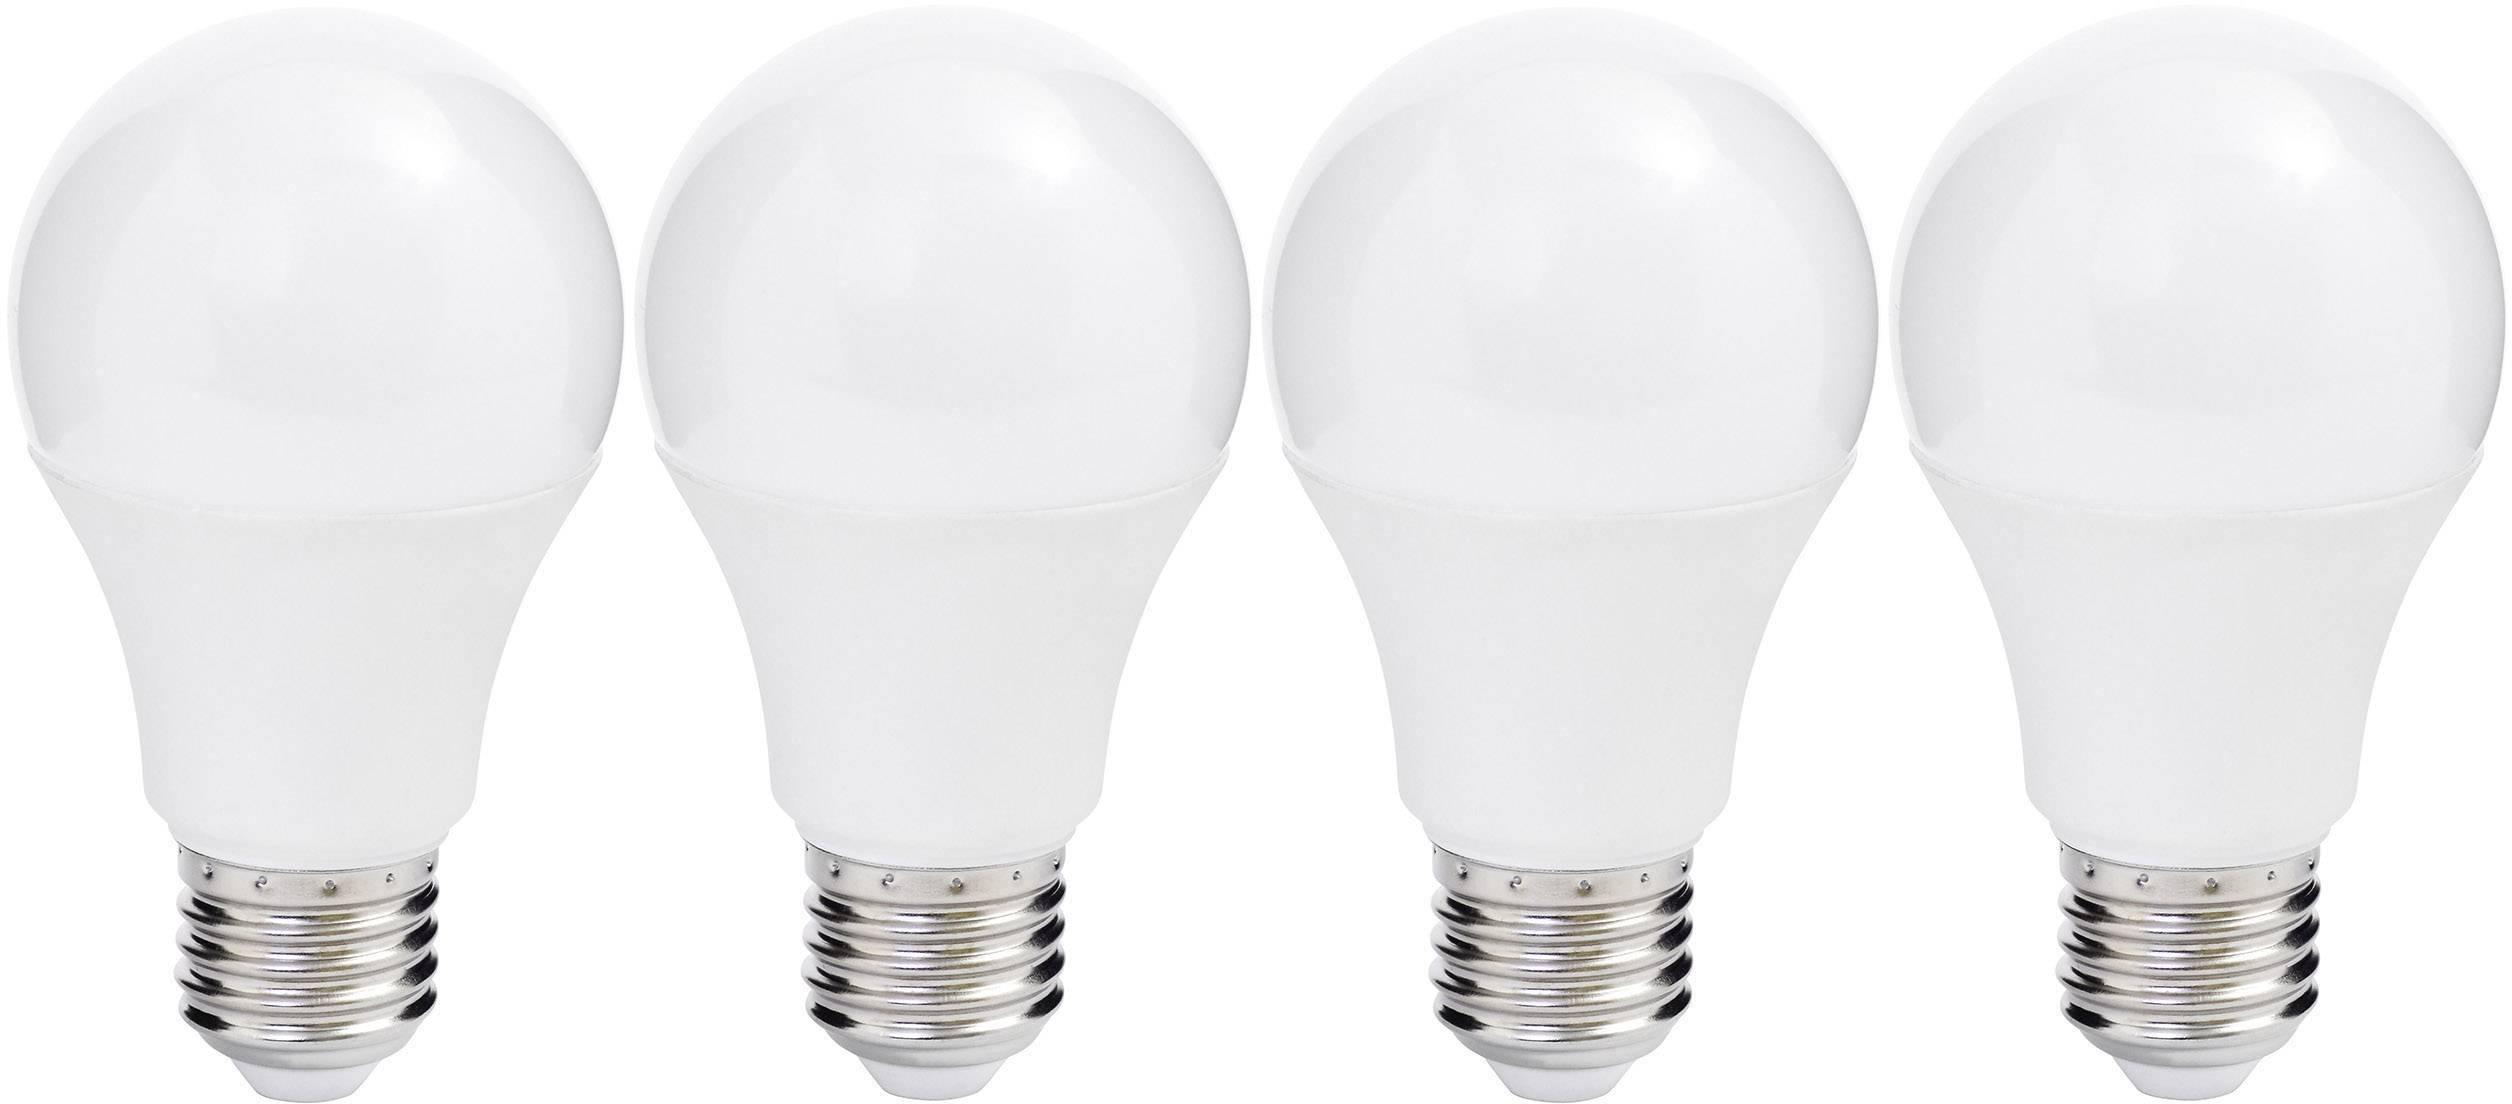 LED žárovka Müller Licht 400255 230 V, E27, 10 W = 60 W, 109 mm, teplá bílá, A+, 4 ks